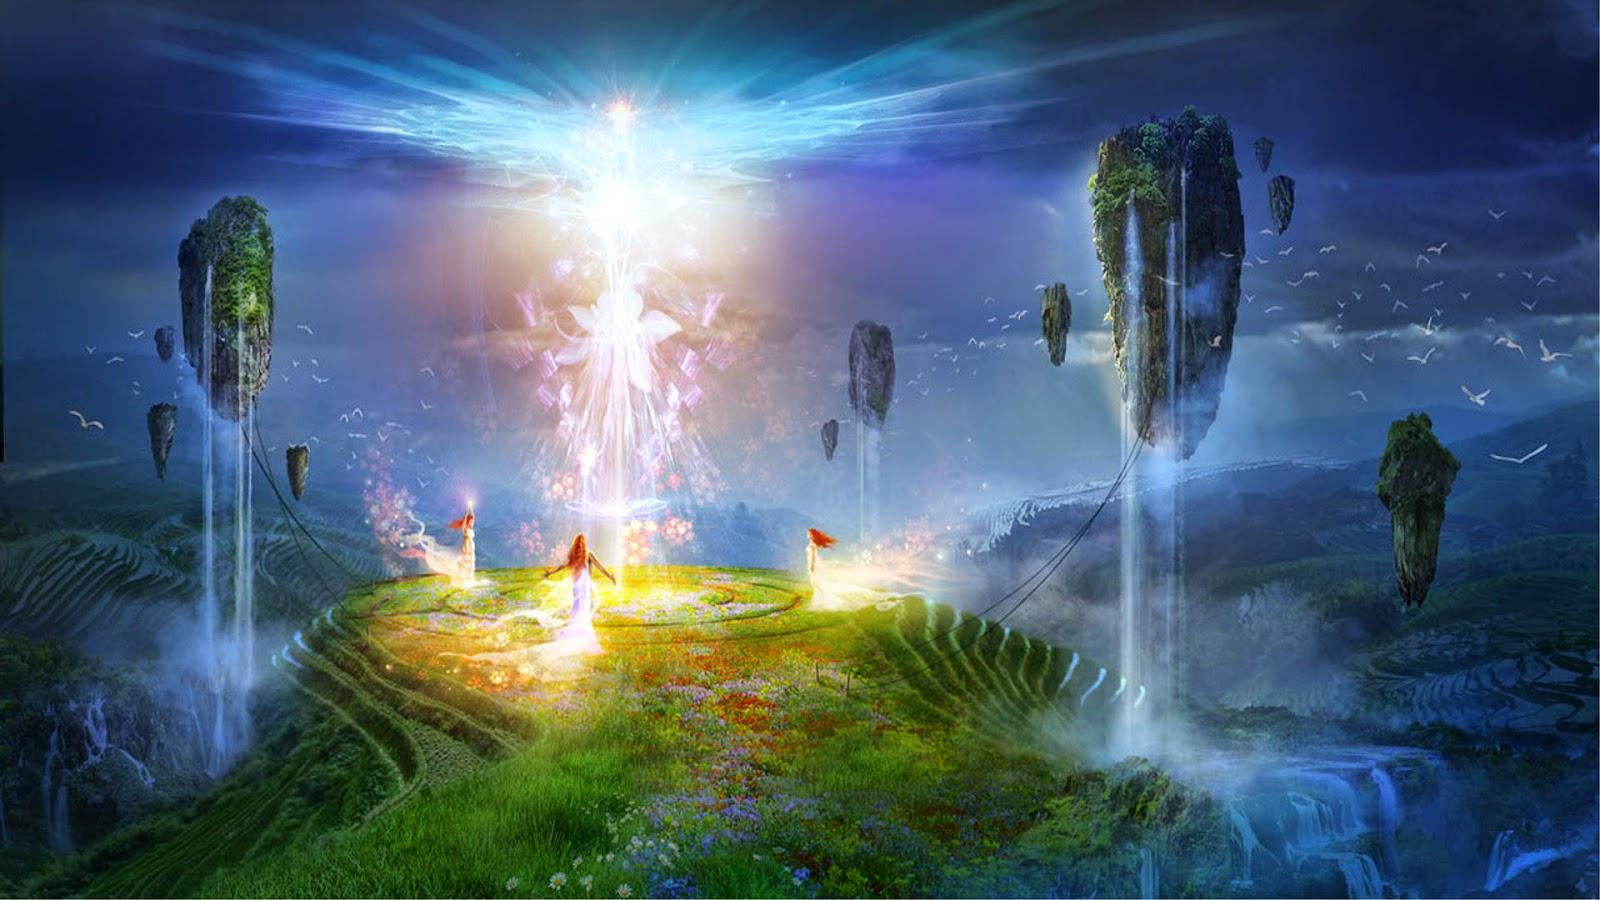 5.3.2. что представляет собой духовный мир | небесная библия (чхонсонгён), v. земная жизнь и духовный мир, 5.3. духовный мир | чхонильгук (천일국)